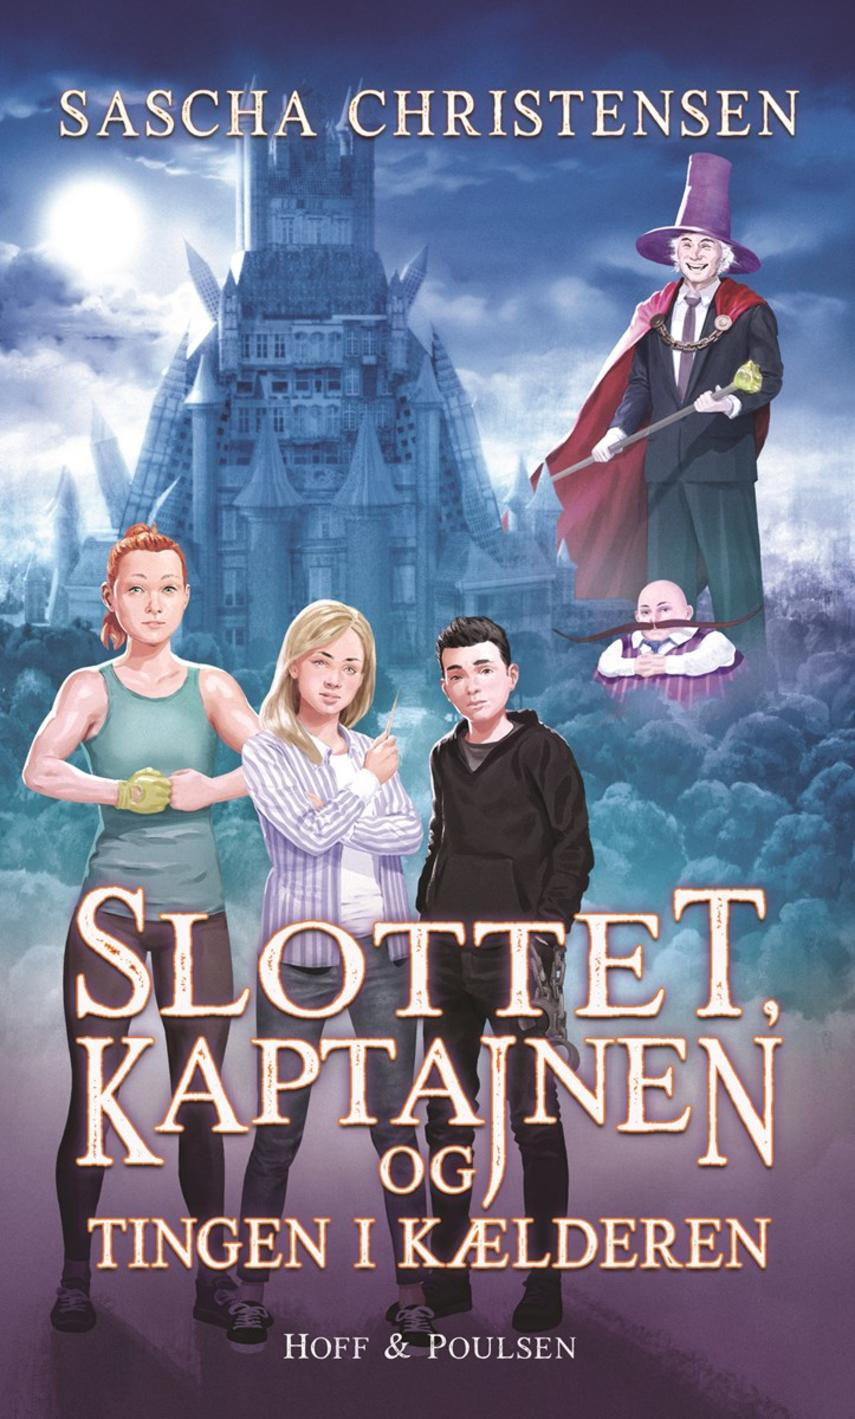 Sascha Christensen: Slottet, kaptajnen og tingen i kælderen